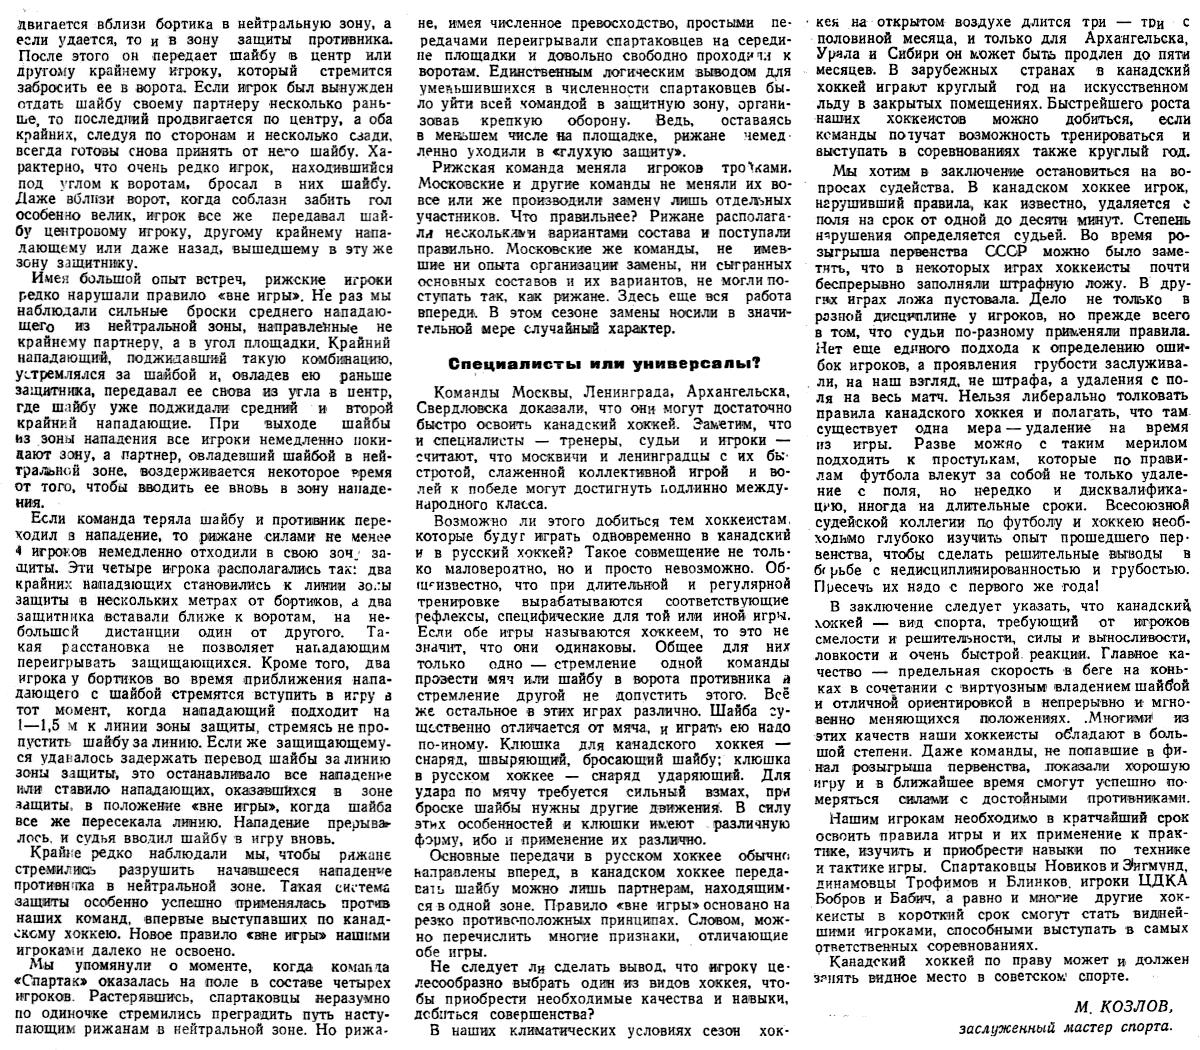 ФИС 1947-01-3.jpg